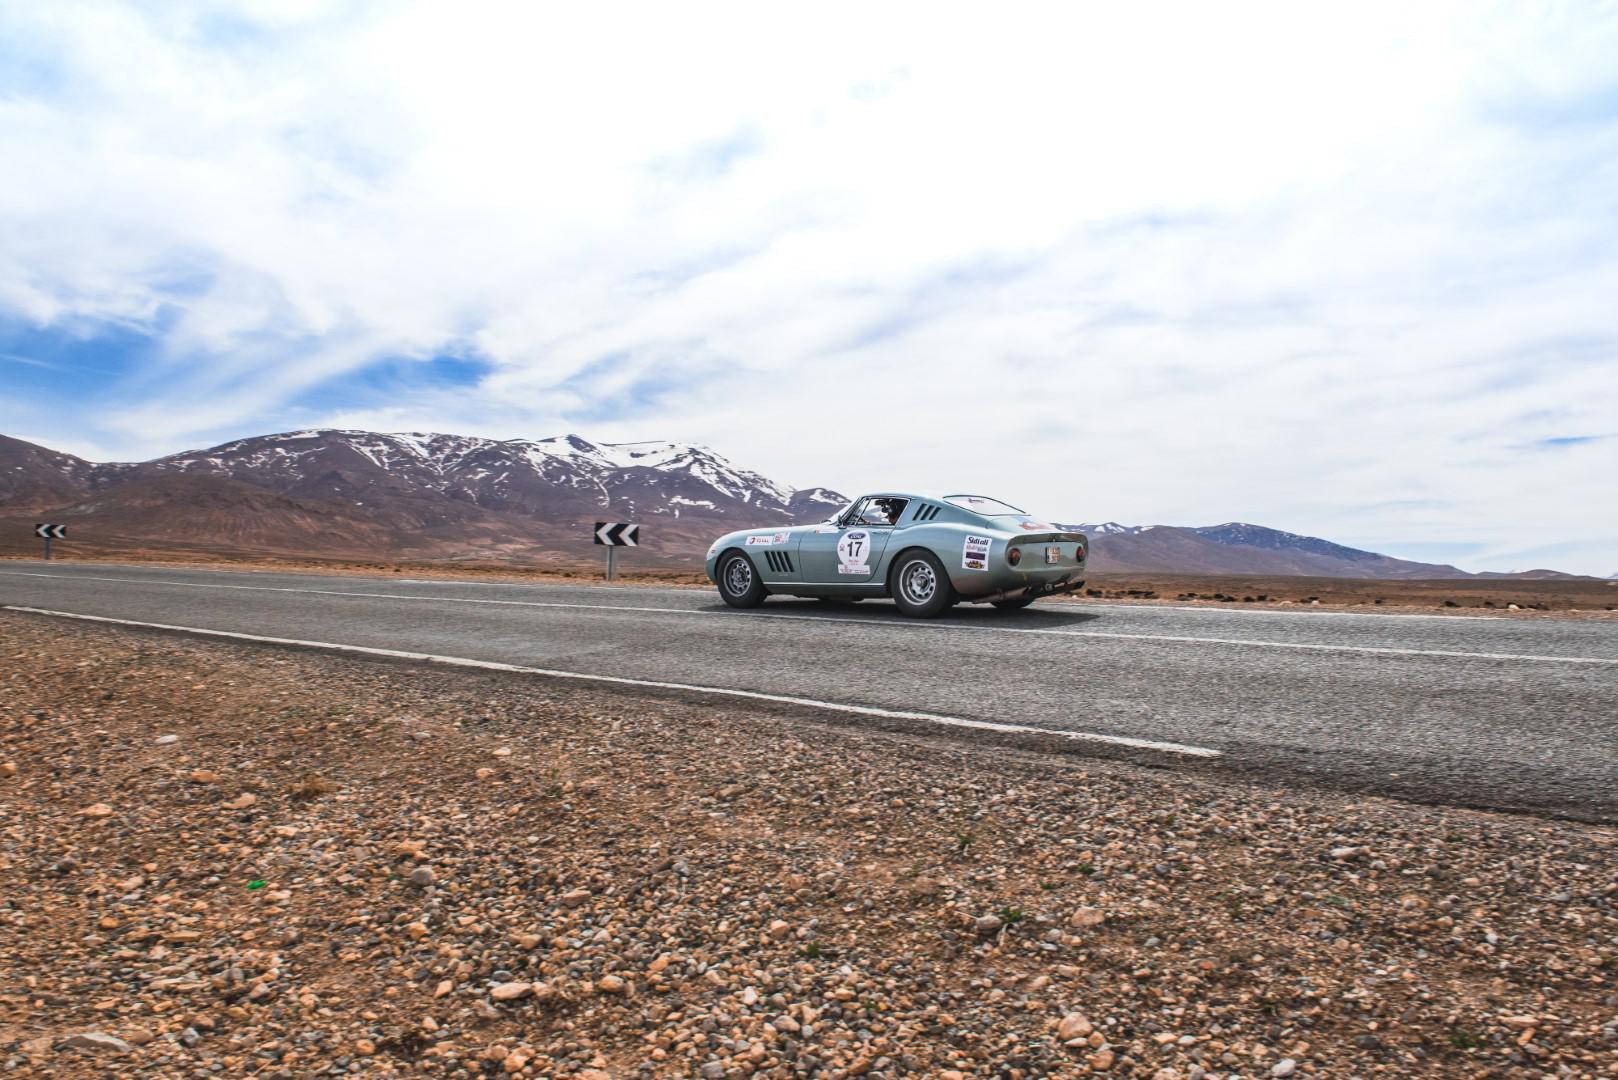 victoire-marocaine-pour-le-25eme-anniversaire-du-rallye-maroc-classic-680-13.jpg